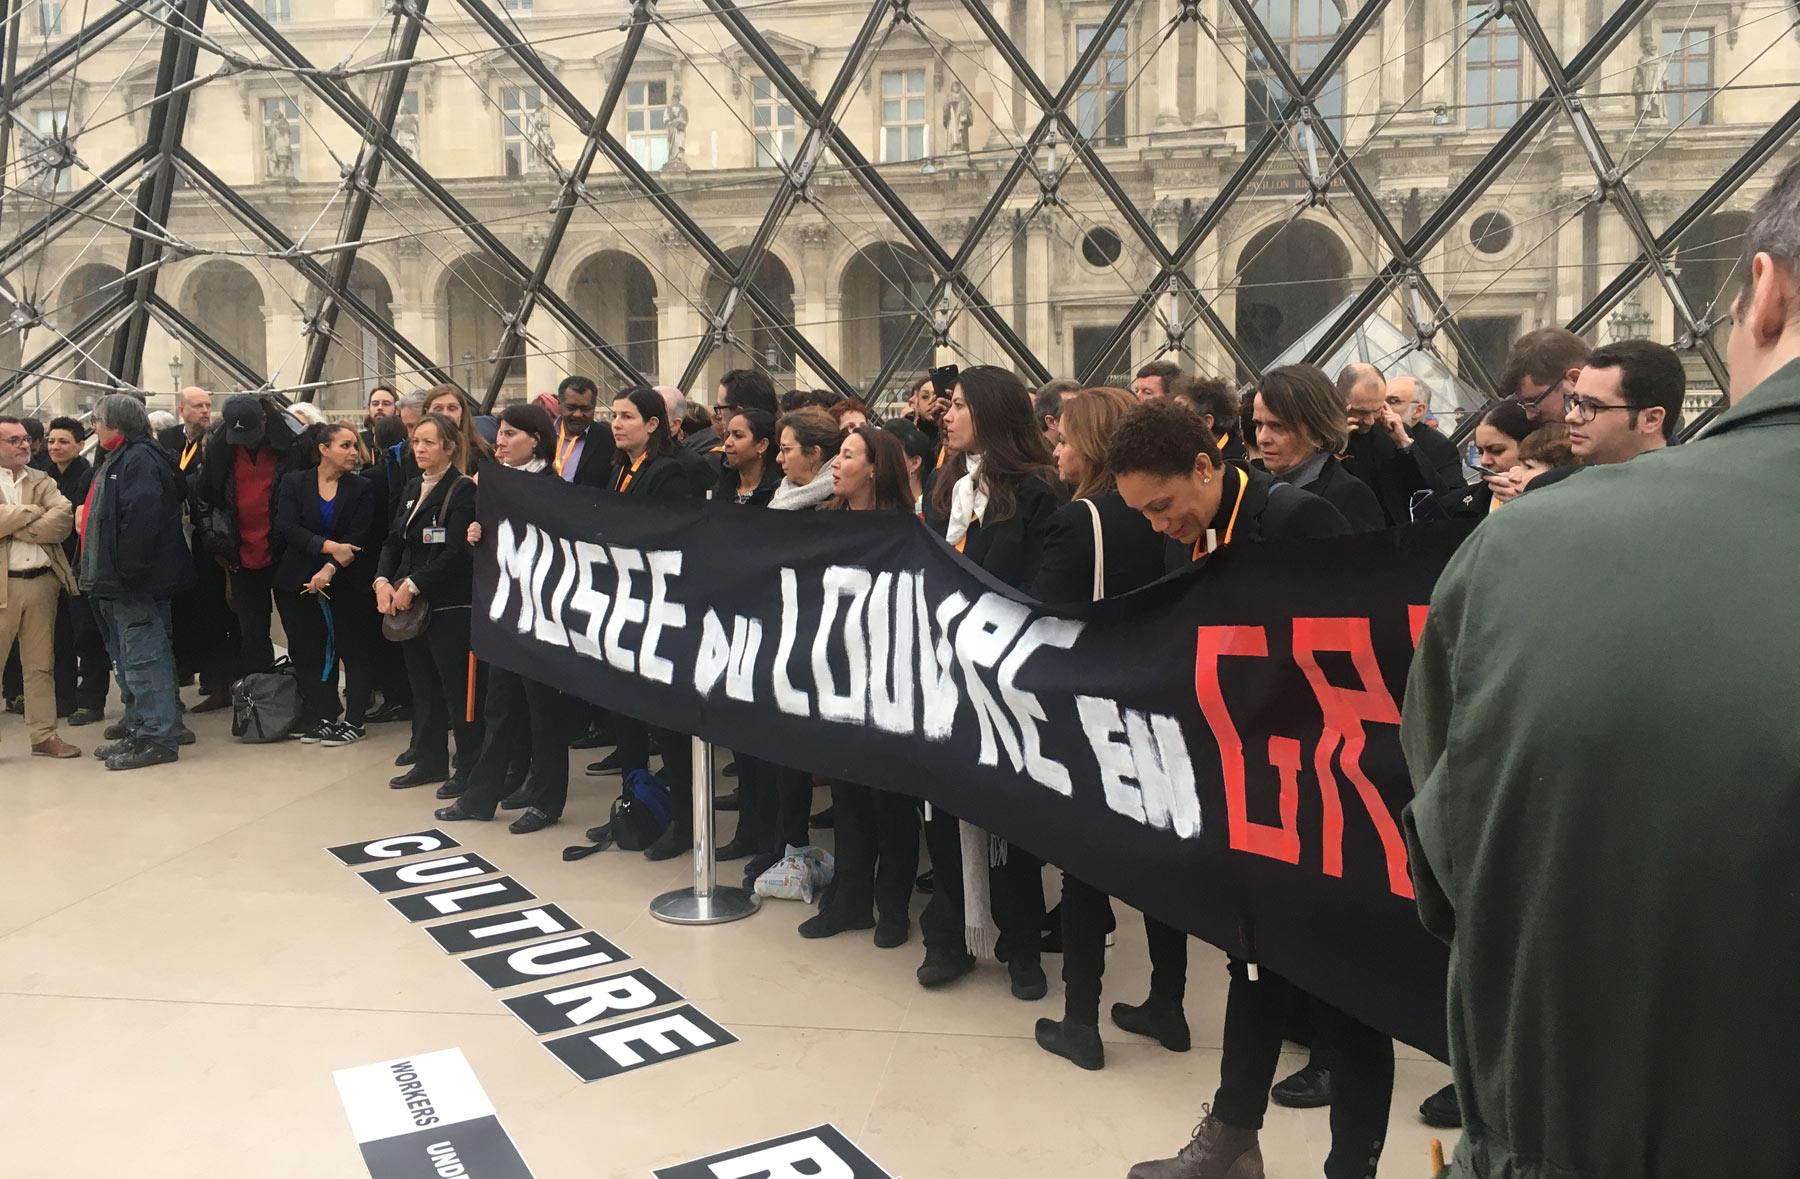 Parigi, protesta contro la riforma delle pensioni fa chiudere il Louvre, a migliaia rimangono fuori